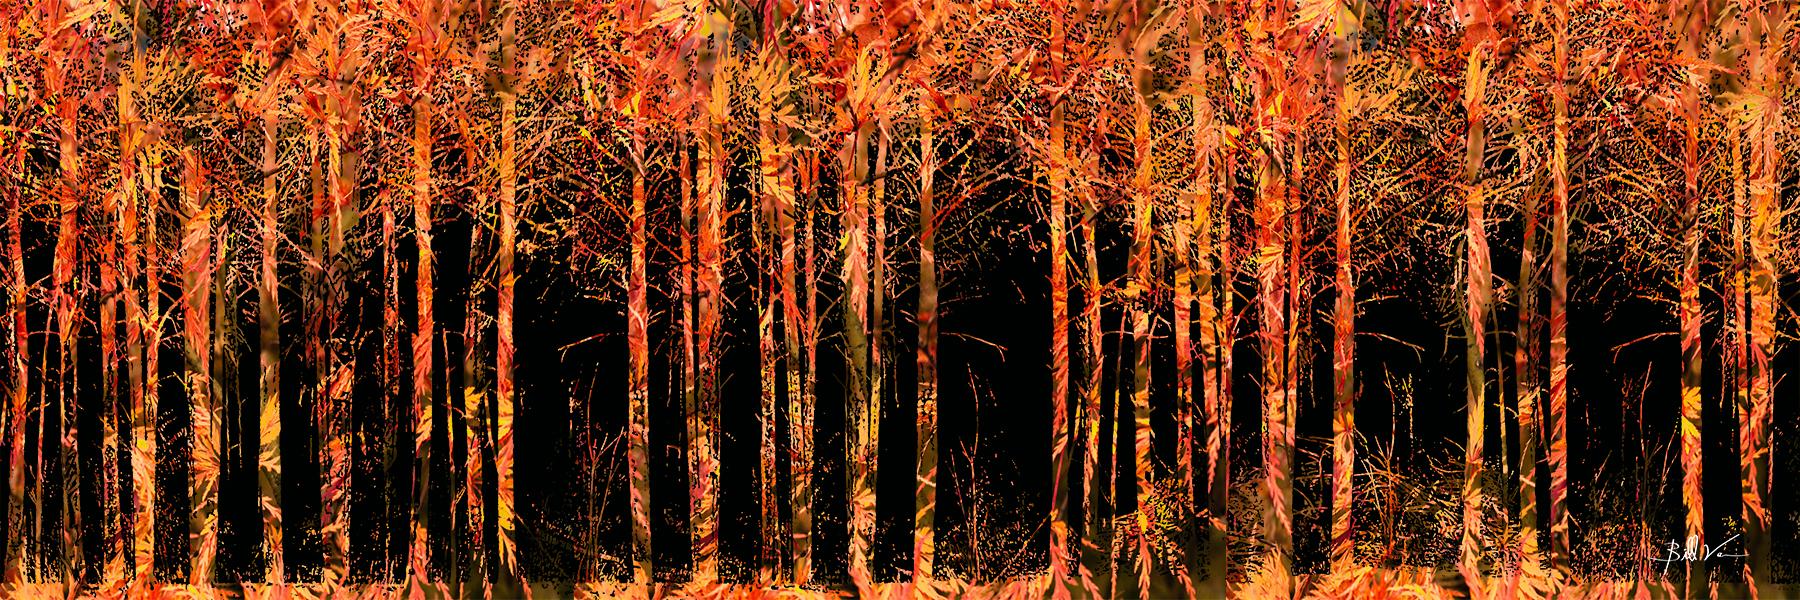 Forest Fire 4 x 12.jpg